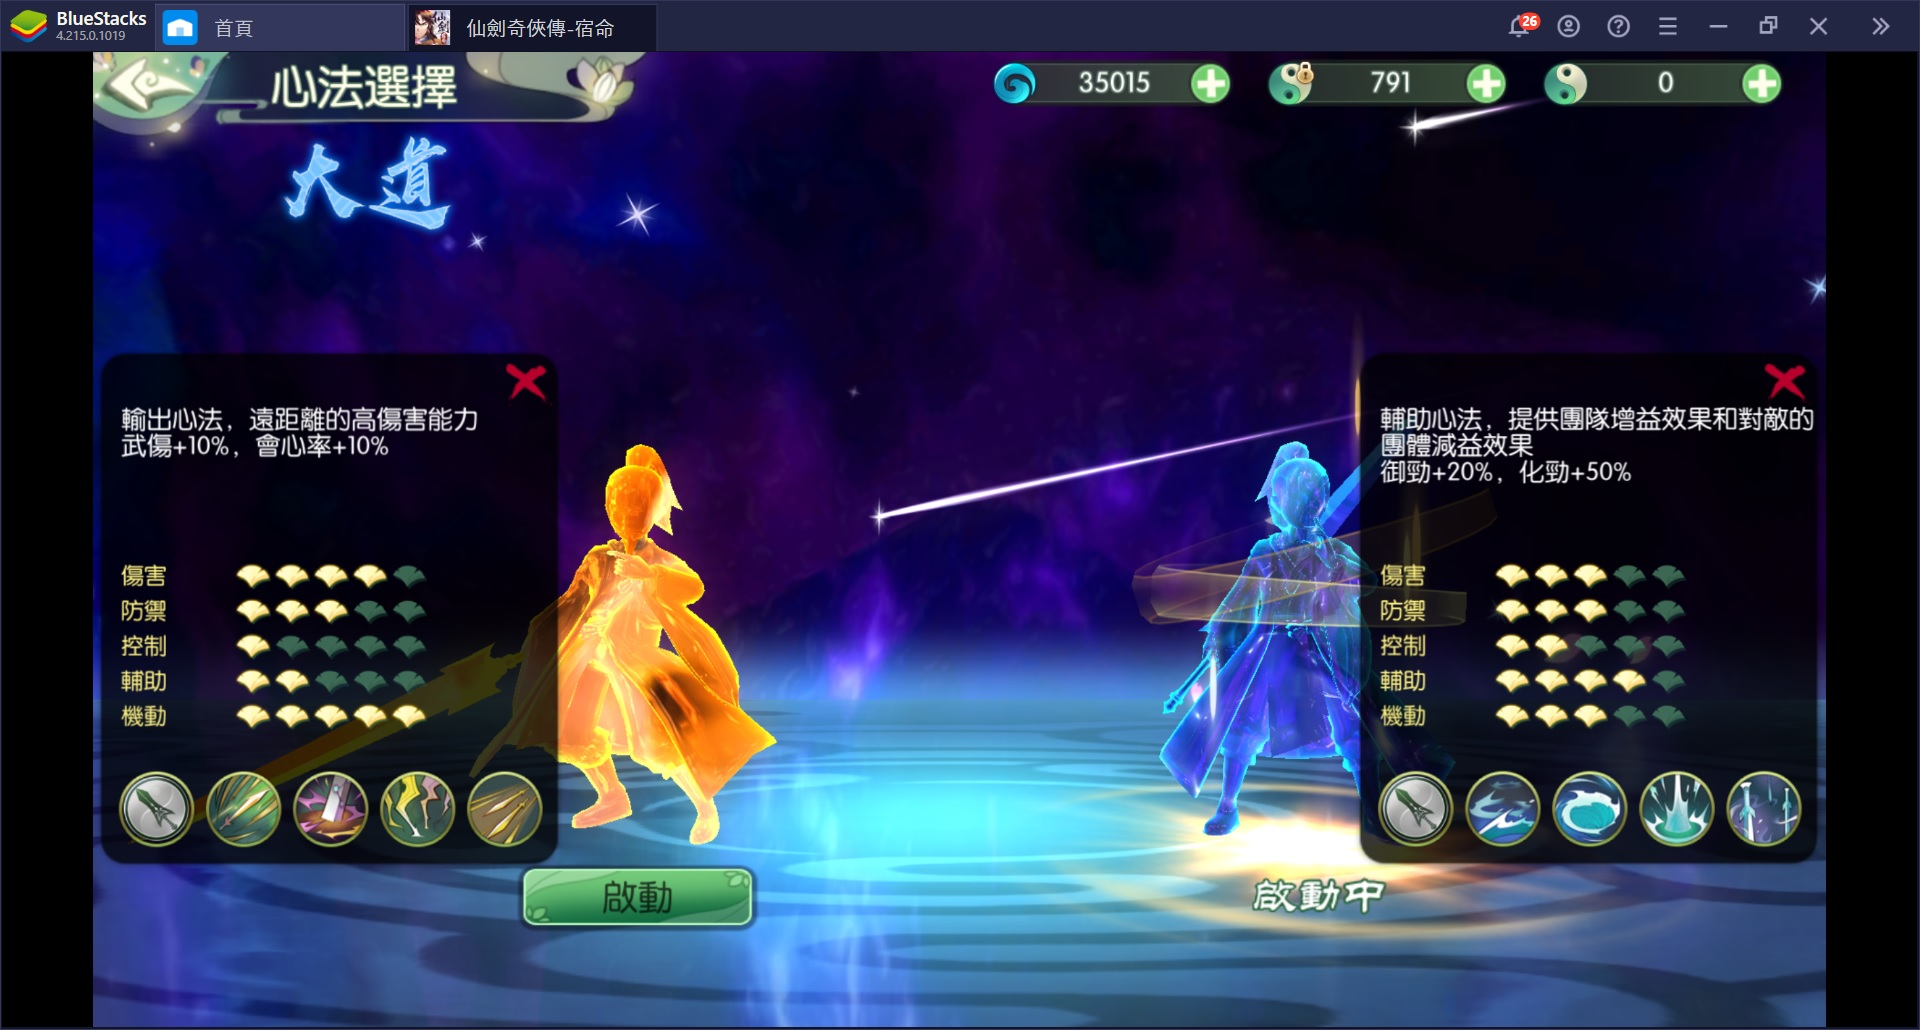 使用BlueStacks在PC上遊玩所代理的一款仙俠題材MMORPG手機遊戲《仙劍奇俠傳–宿命》